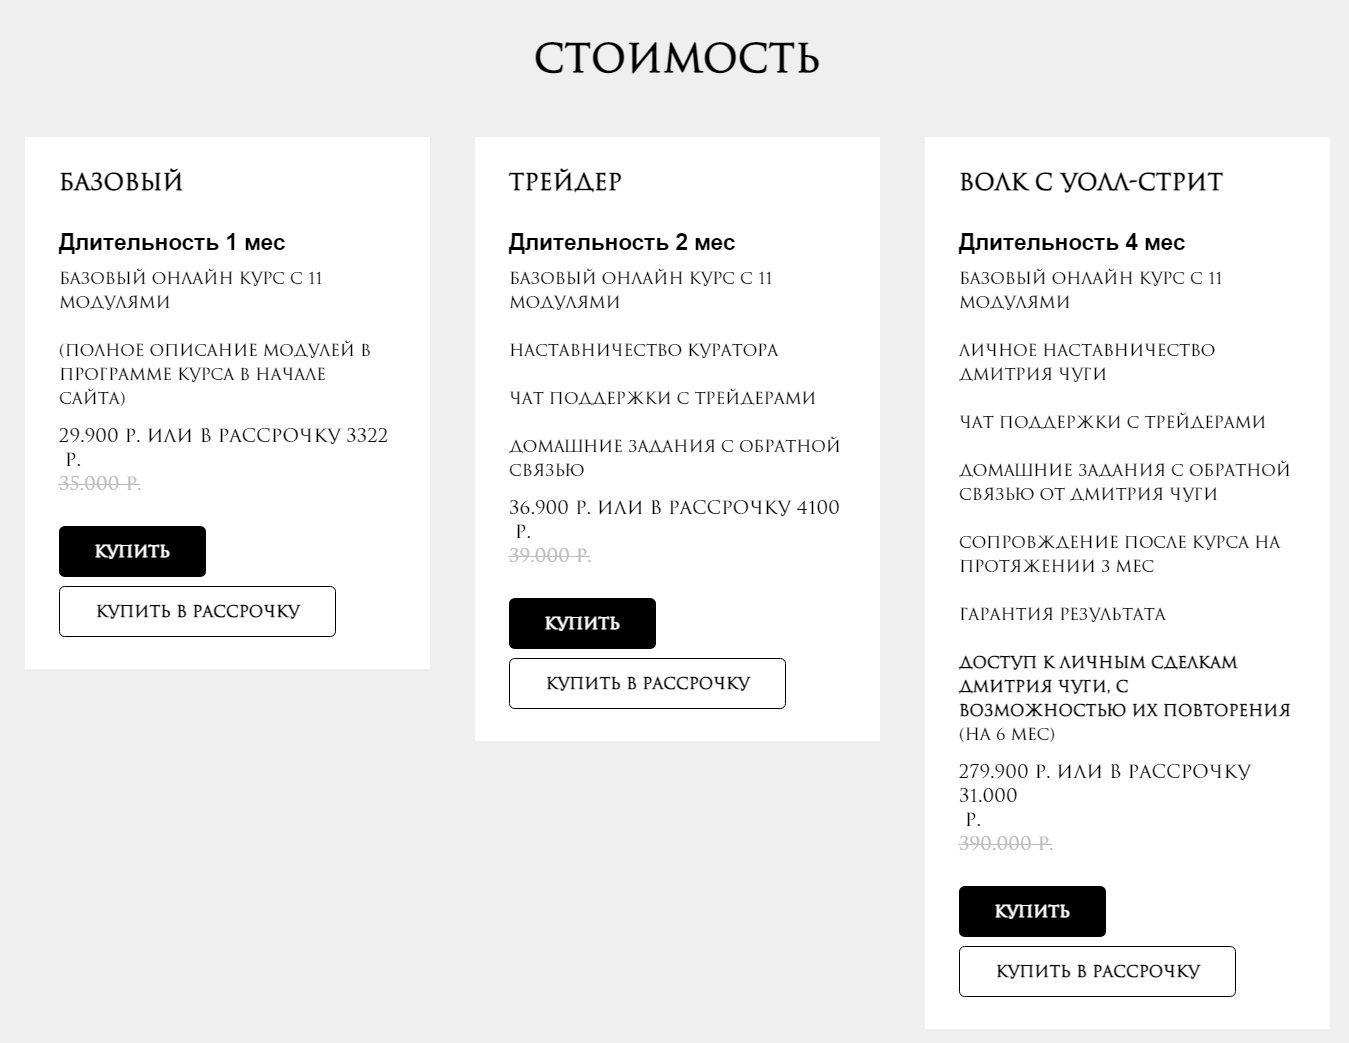 Стоимость курсов у Дмитрия Чуги